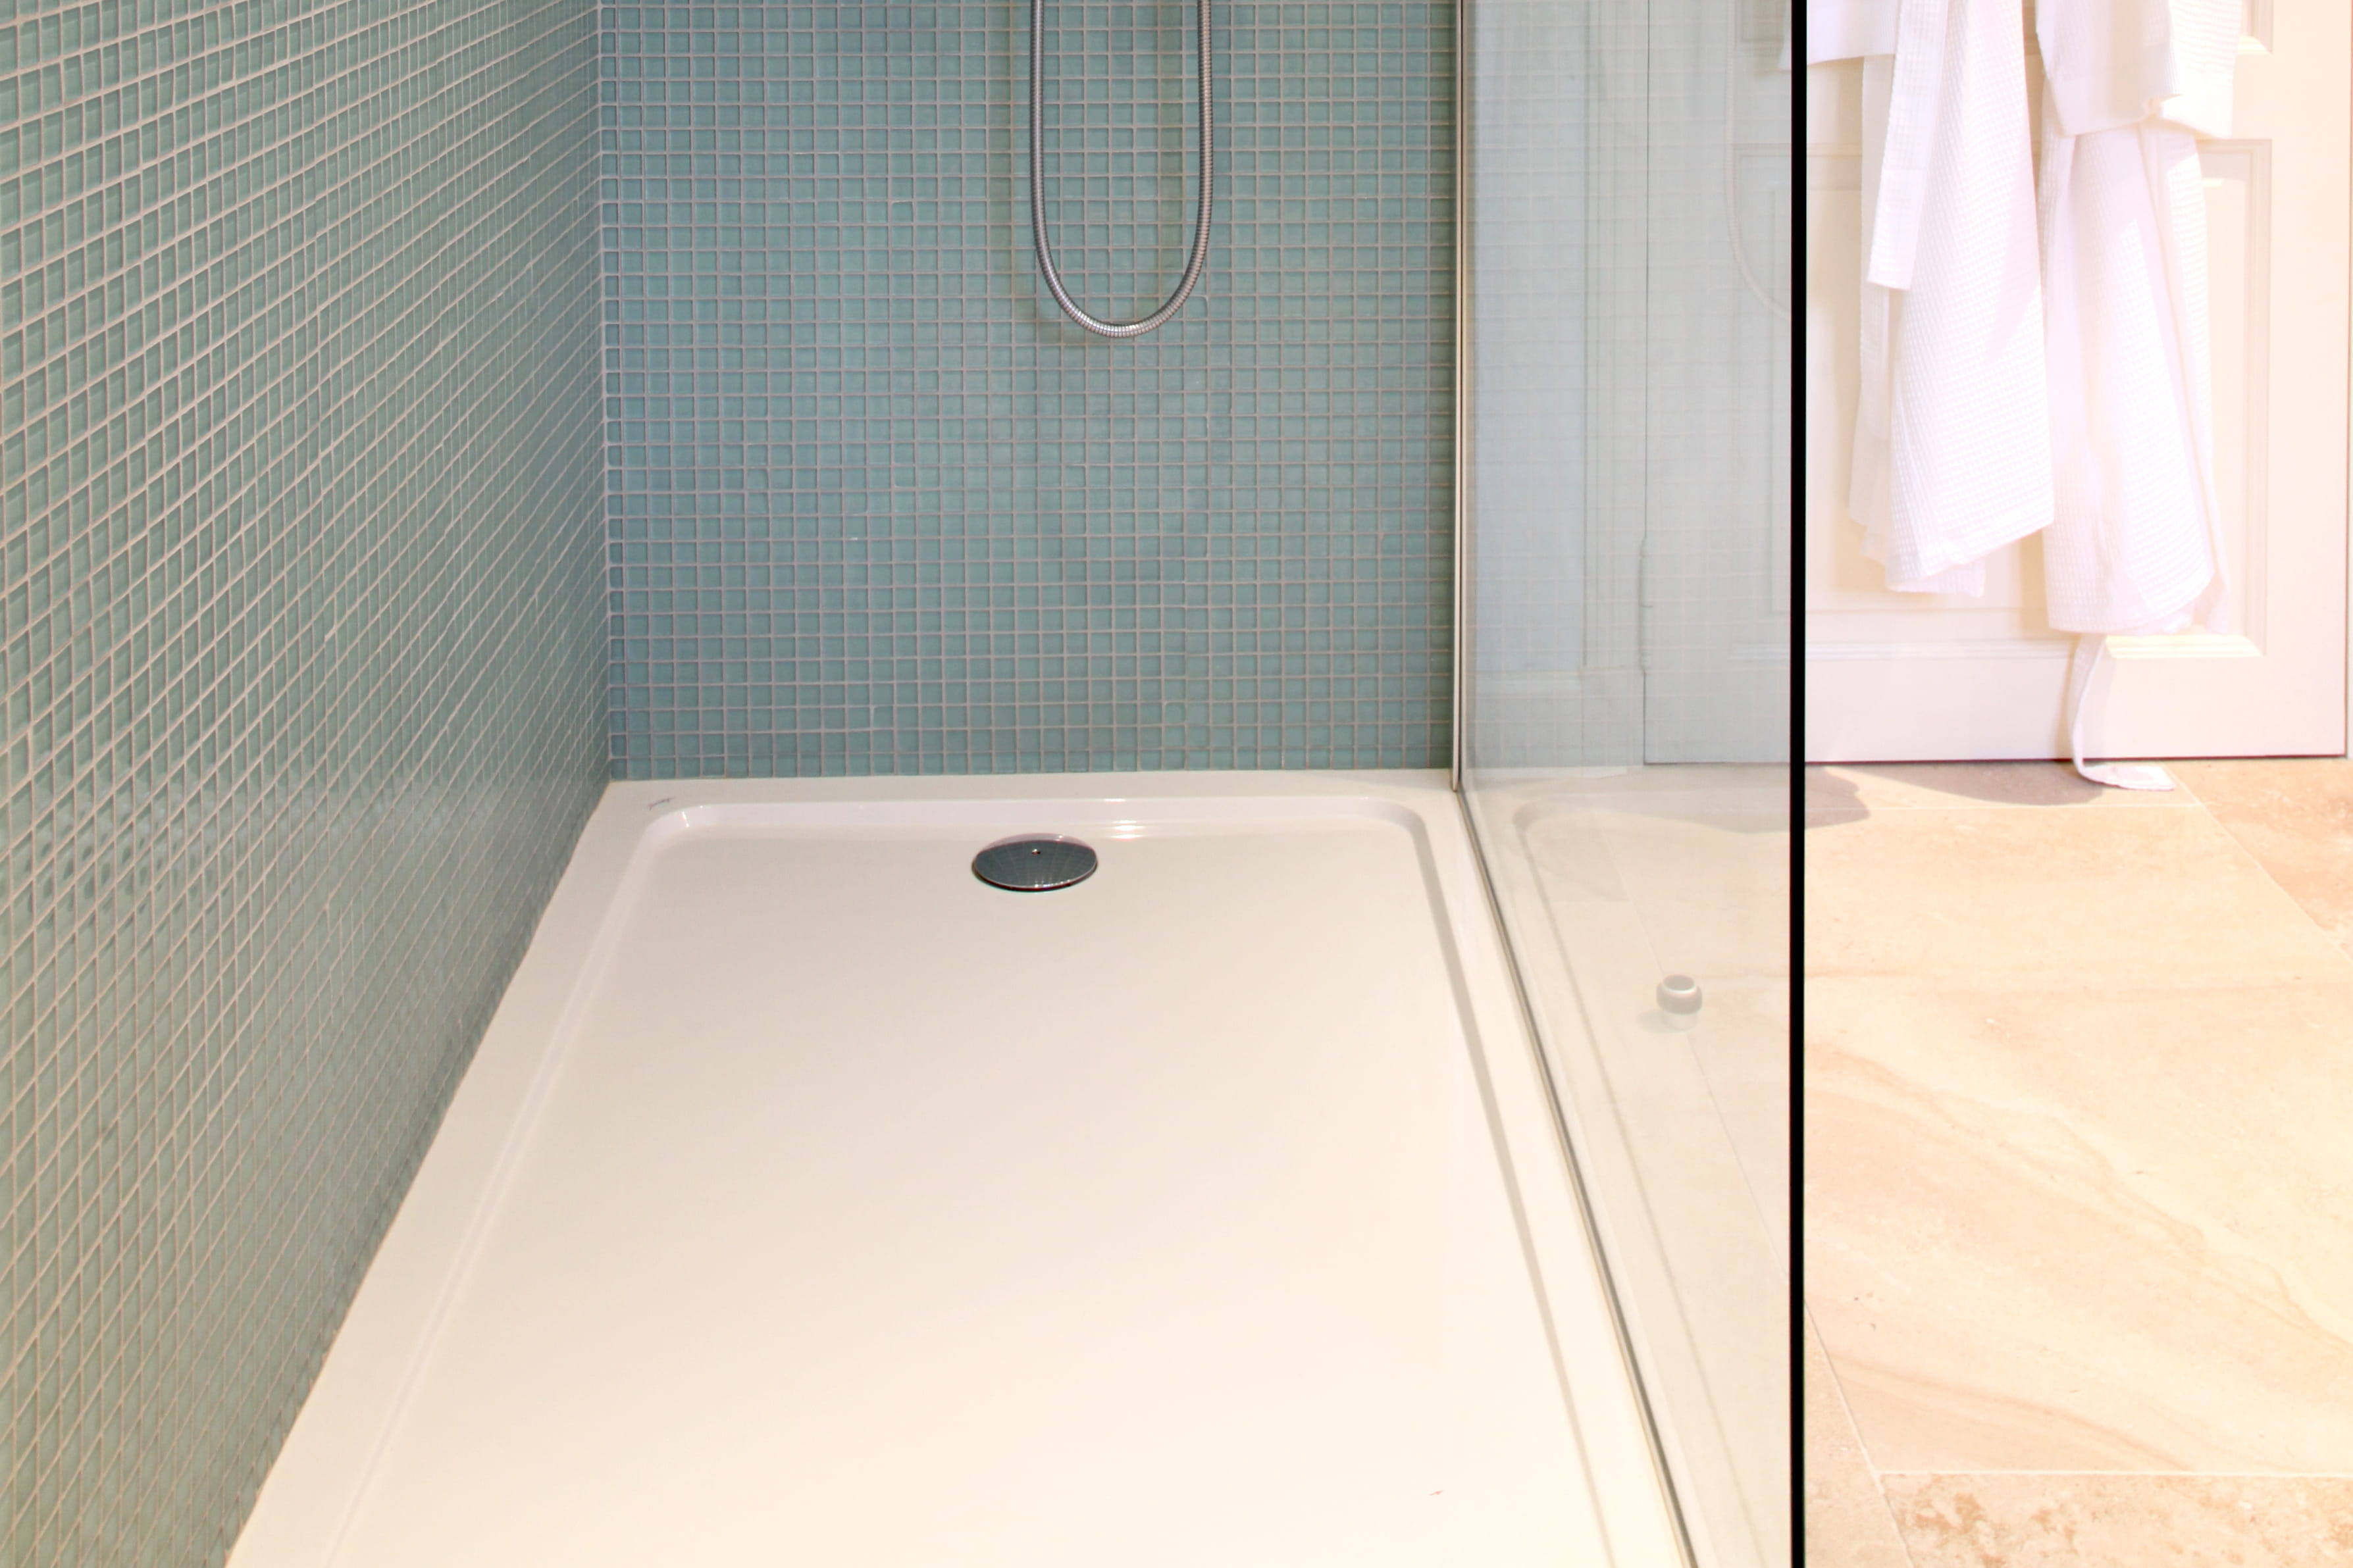 Receveur de douche comment le poser journal des femmes - Cabine de douche a l italienne ...